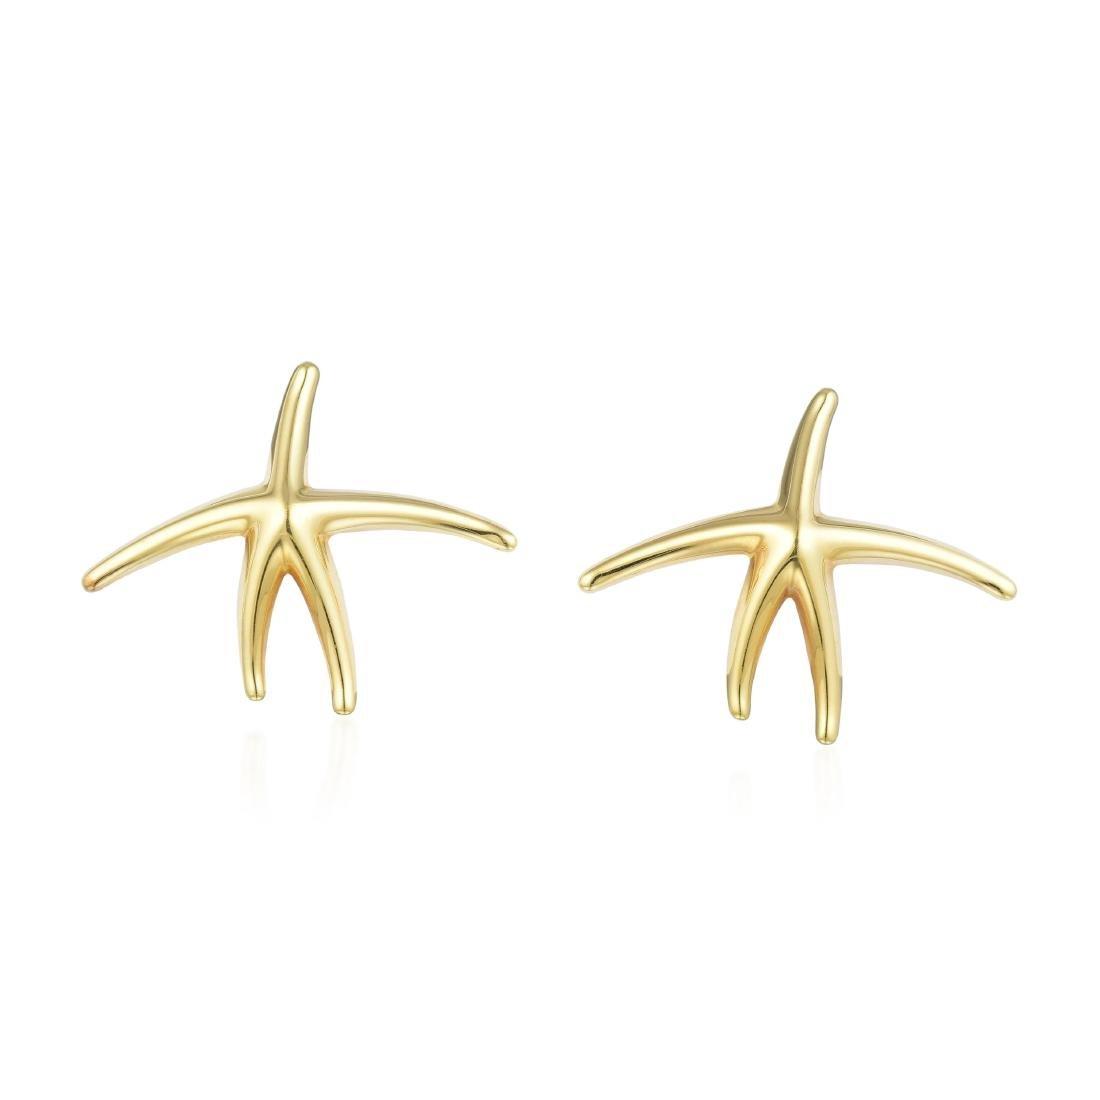 Tiffany & Co. Elsa Peretti Starfish Pendant Necklace - 3